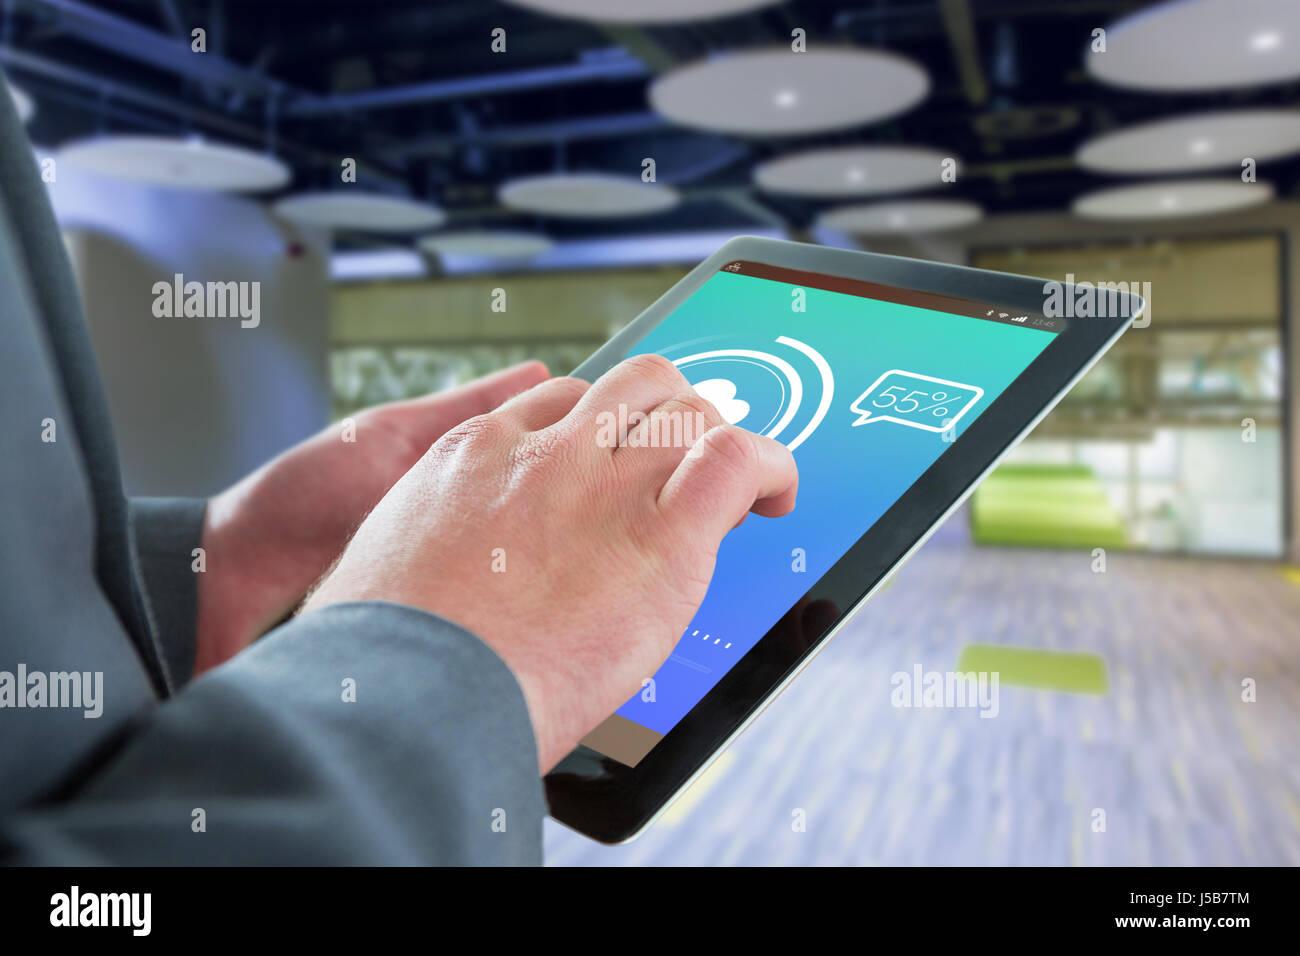 Businessman touching tablet contre l'écran Mettre à jour le texte avec symbole télécharger Photo Stock